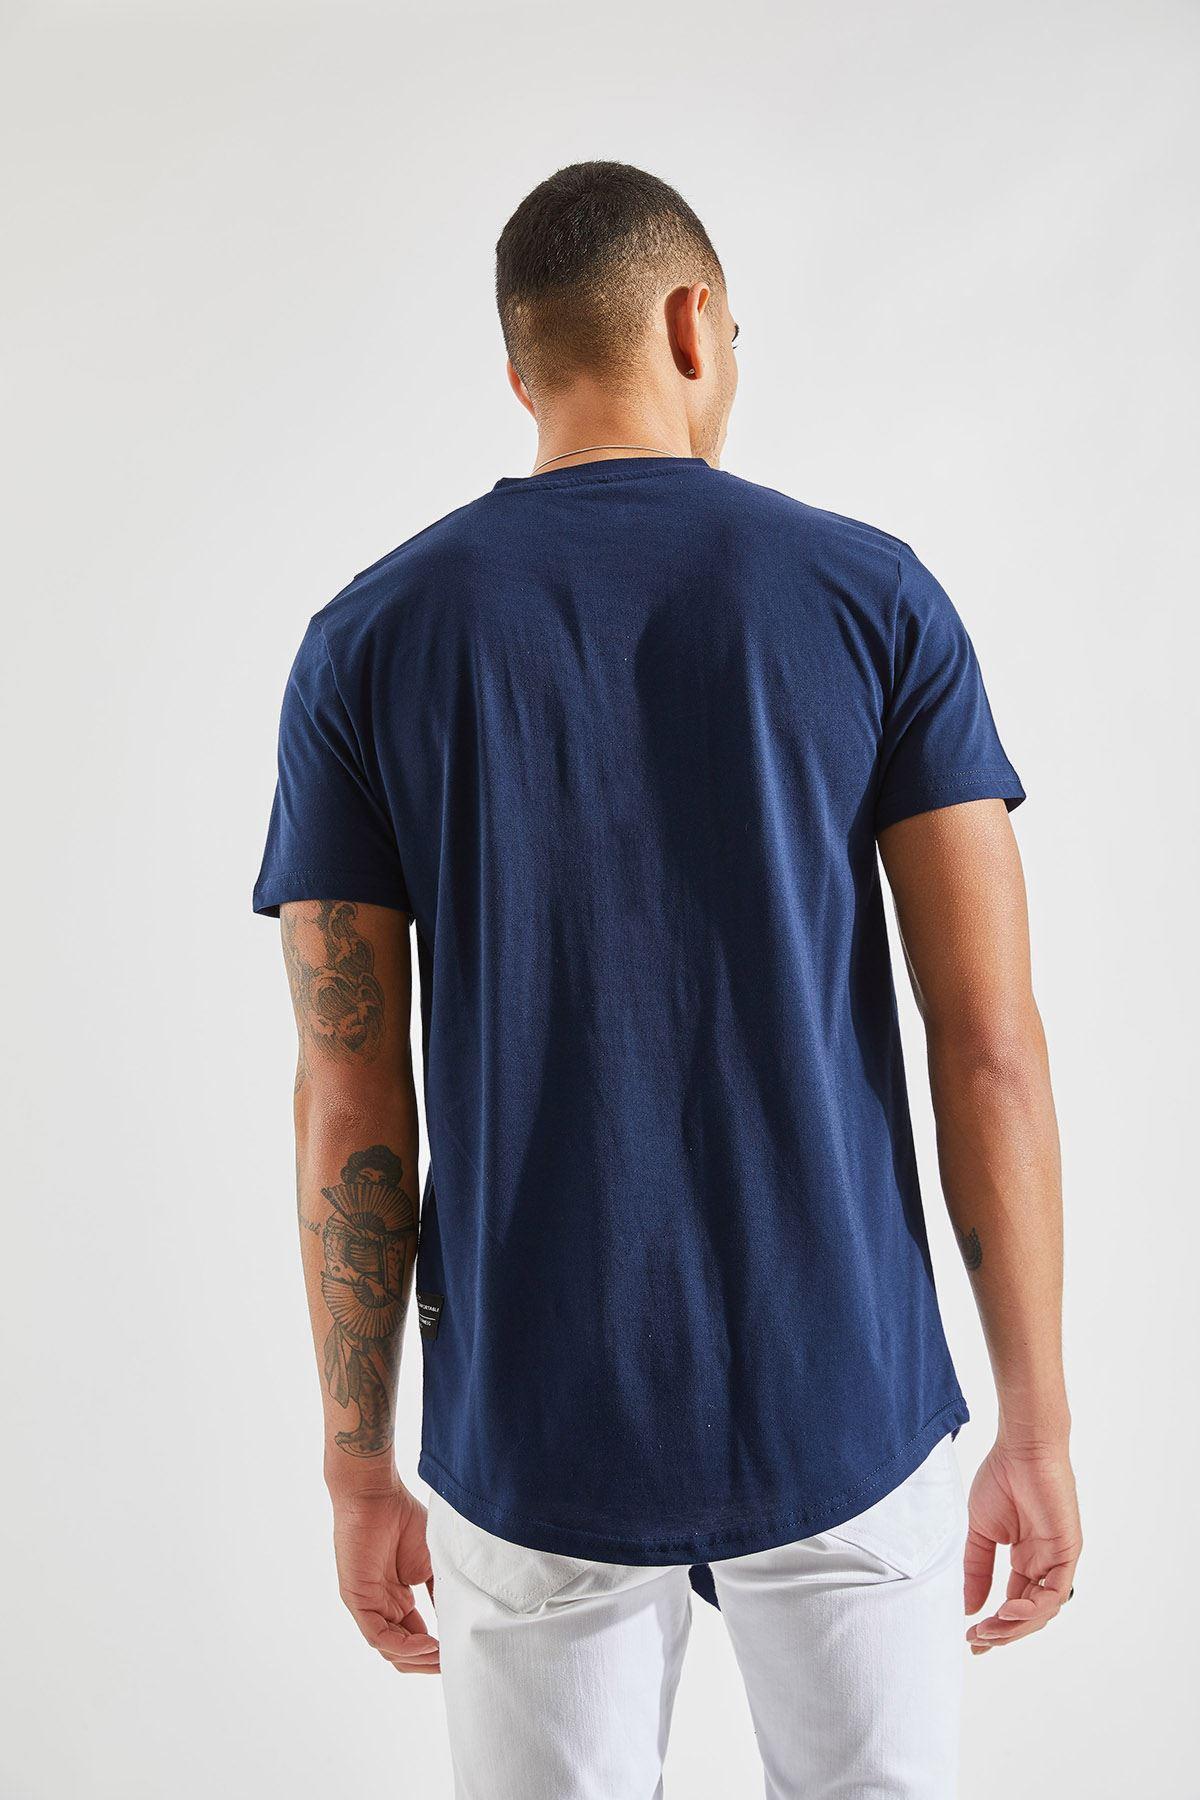 Erkek Önü Parçalı Asimetrik Kesim Lacivert Tişört